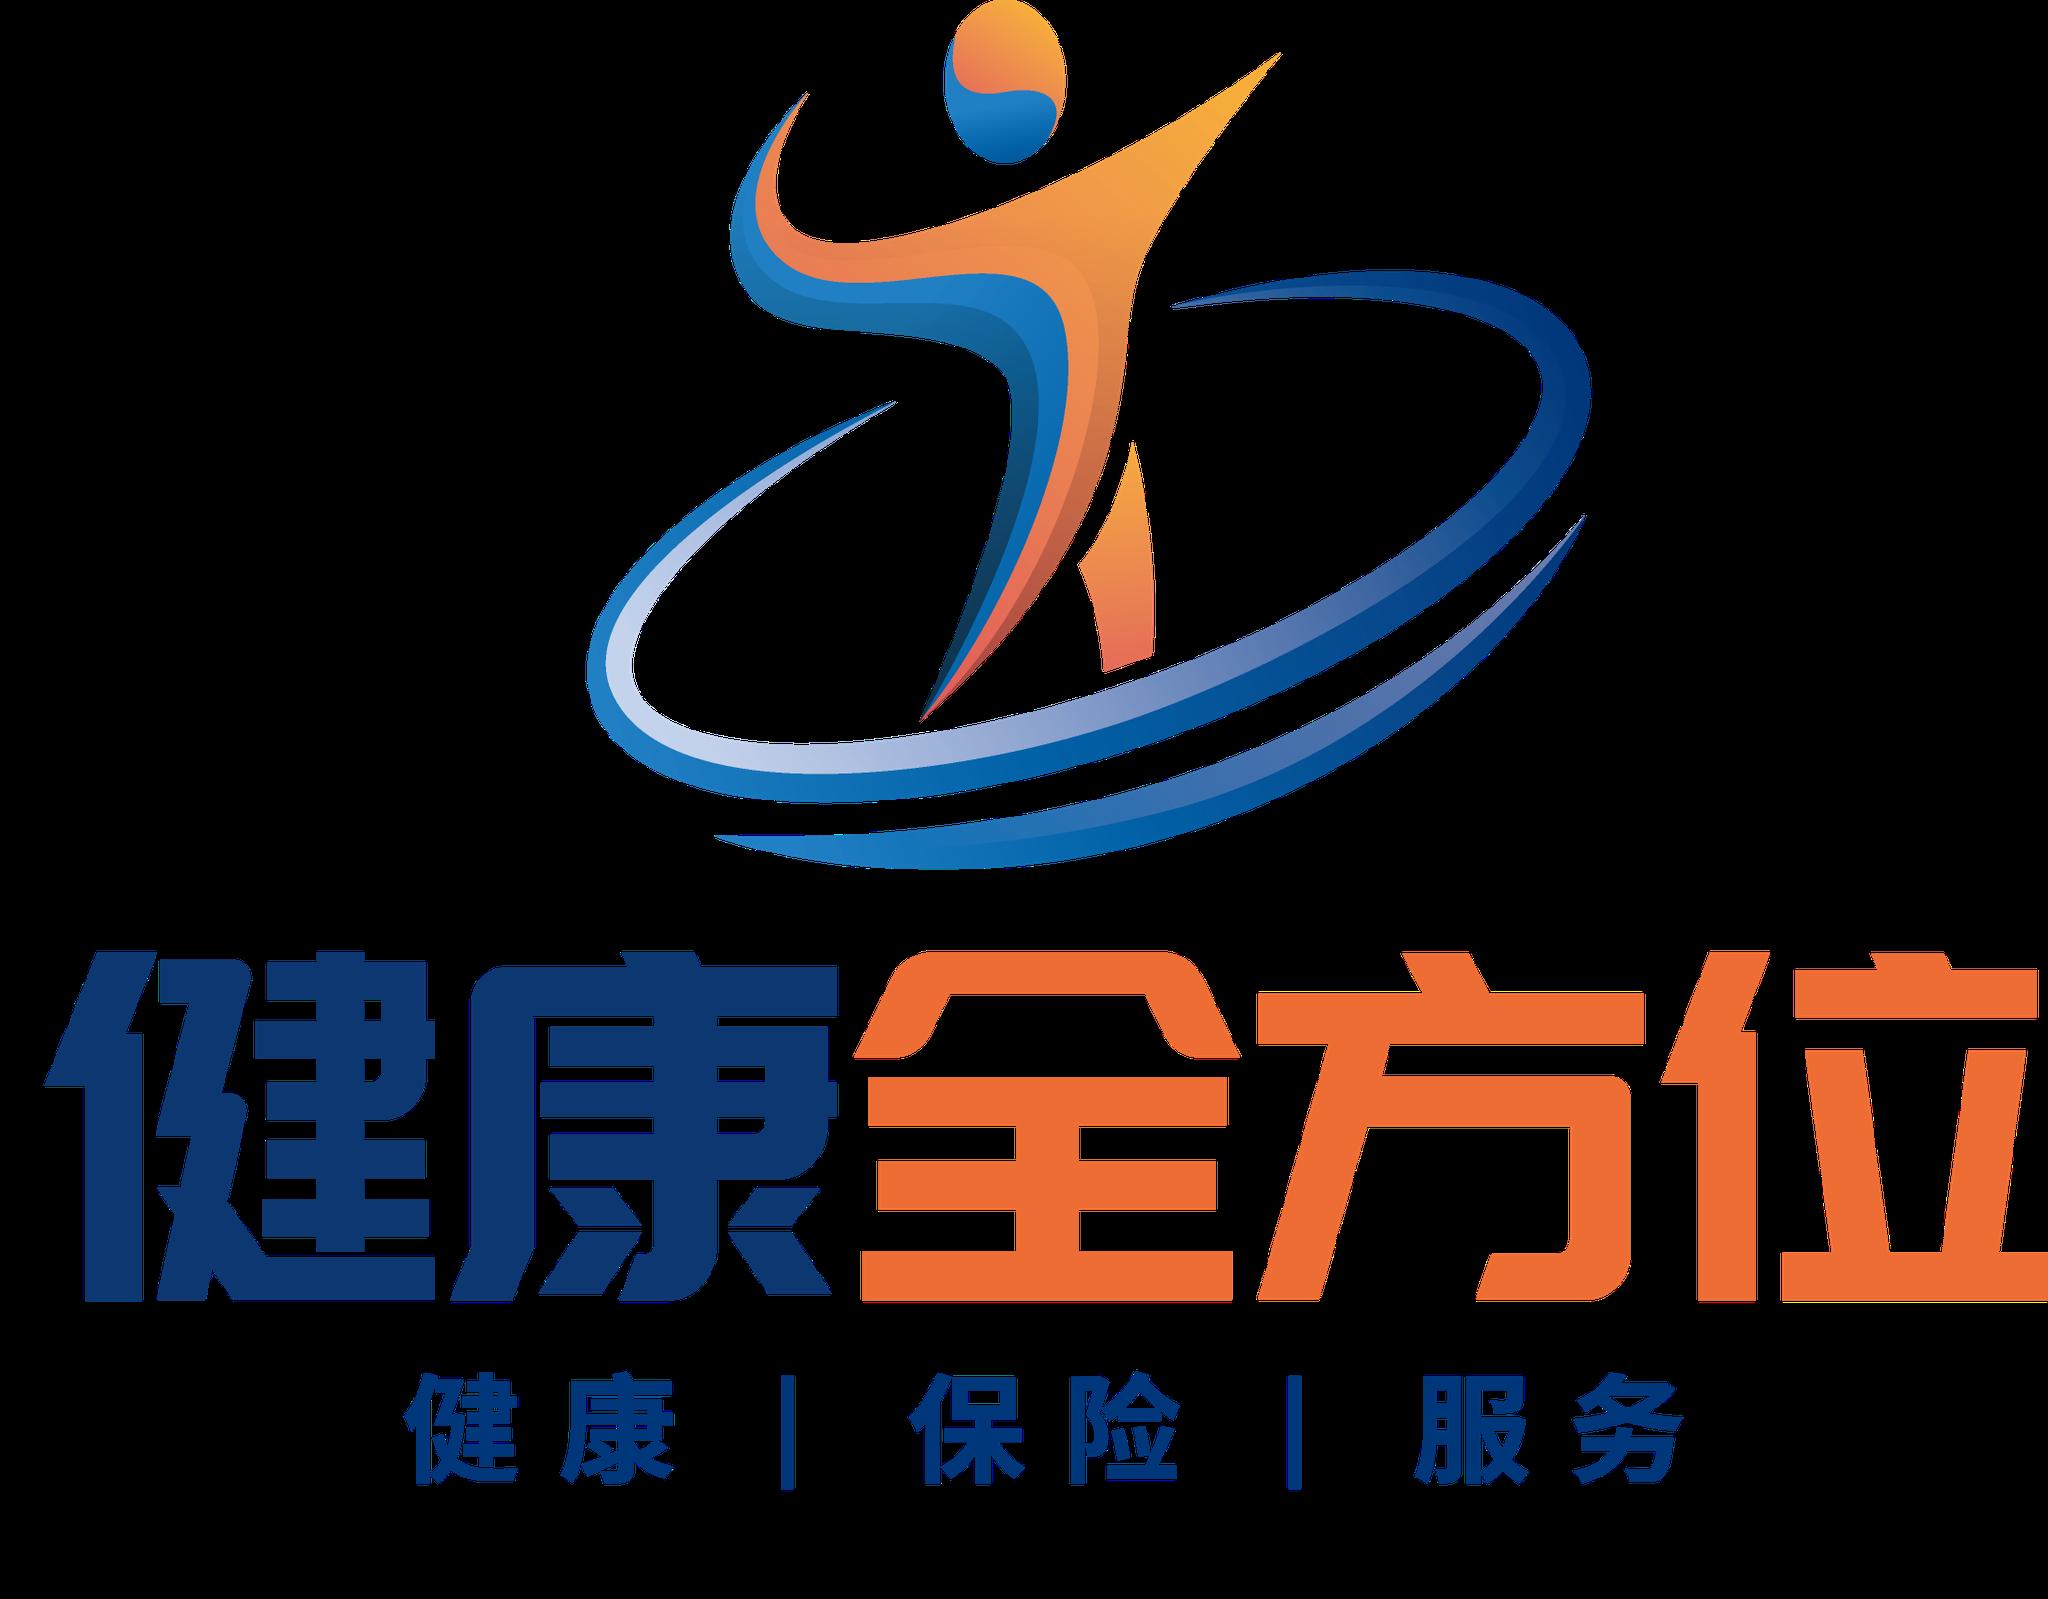 """健康新理念,保障全方位  —— 交银康联推出""""健康全方位""""服务方案"""